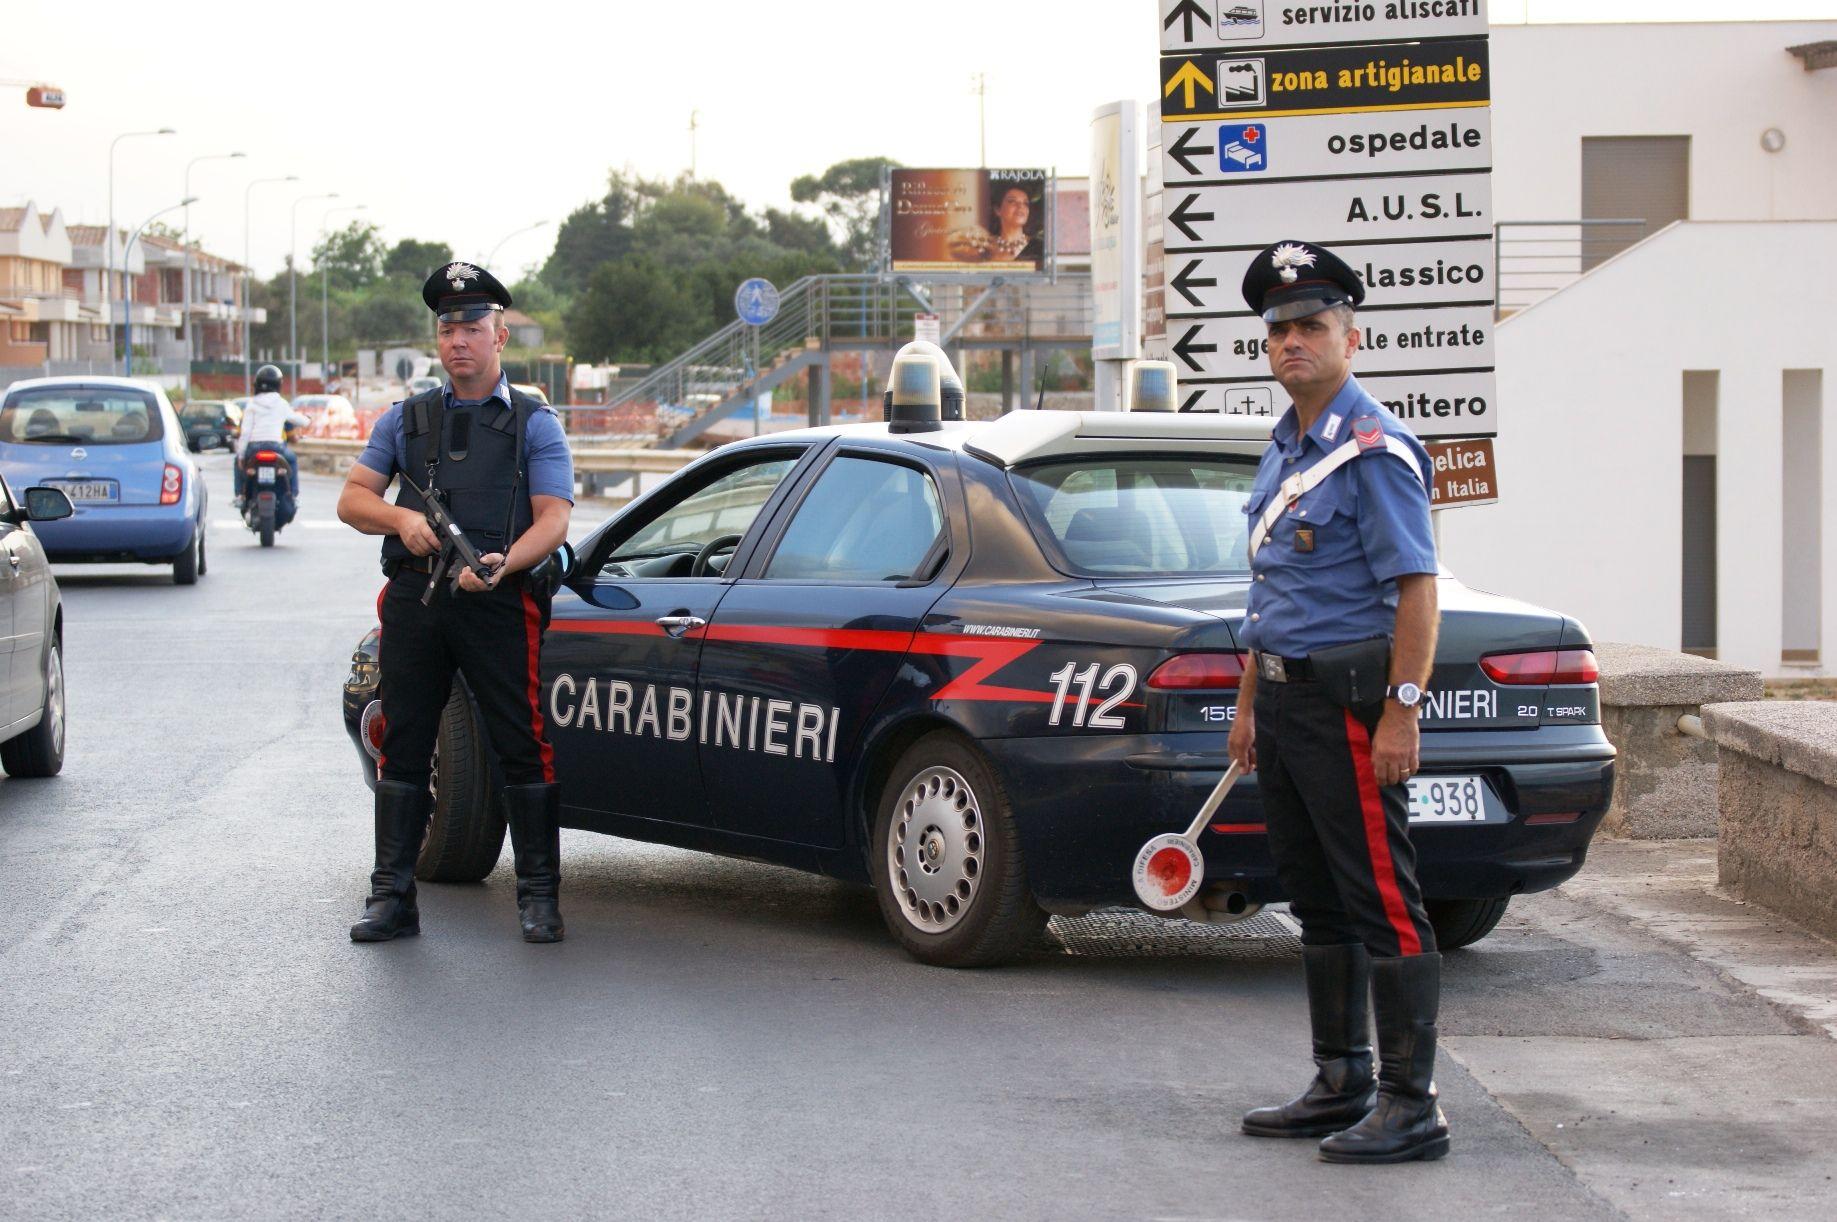 Карабинеры Италии завершили курс подготовки бойцов Нацгвардии - Цензор.НЕТ 3650